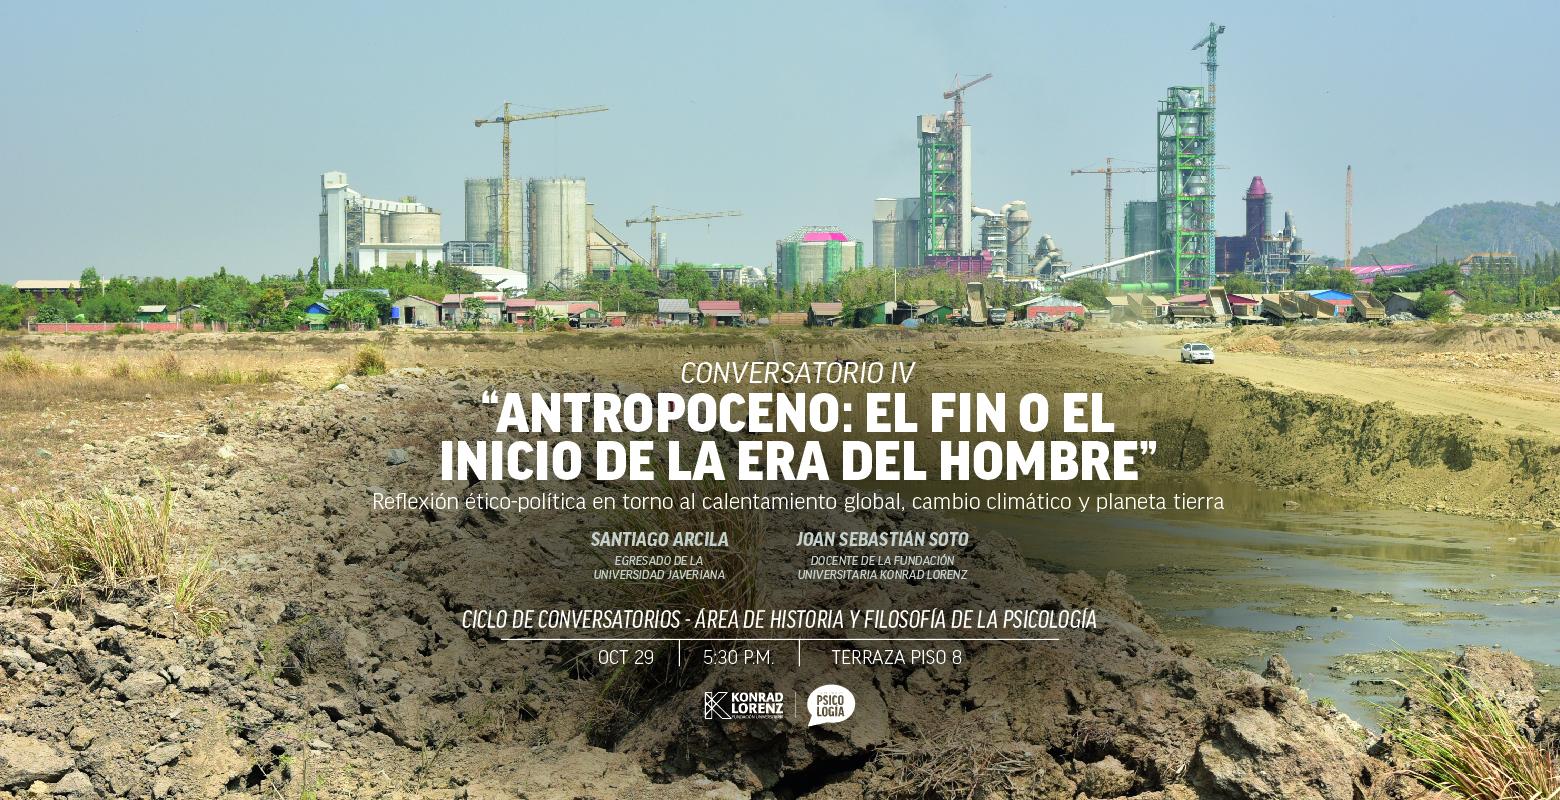 Antropoceno: el fin o el inicio de la era del hombre